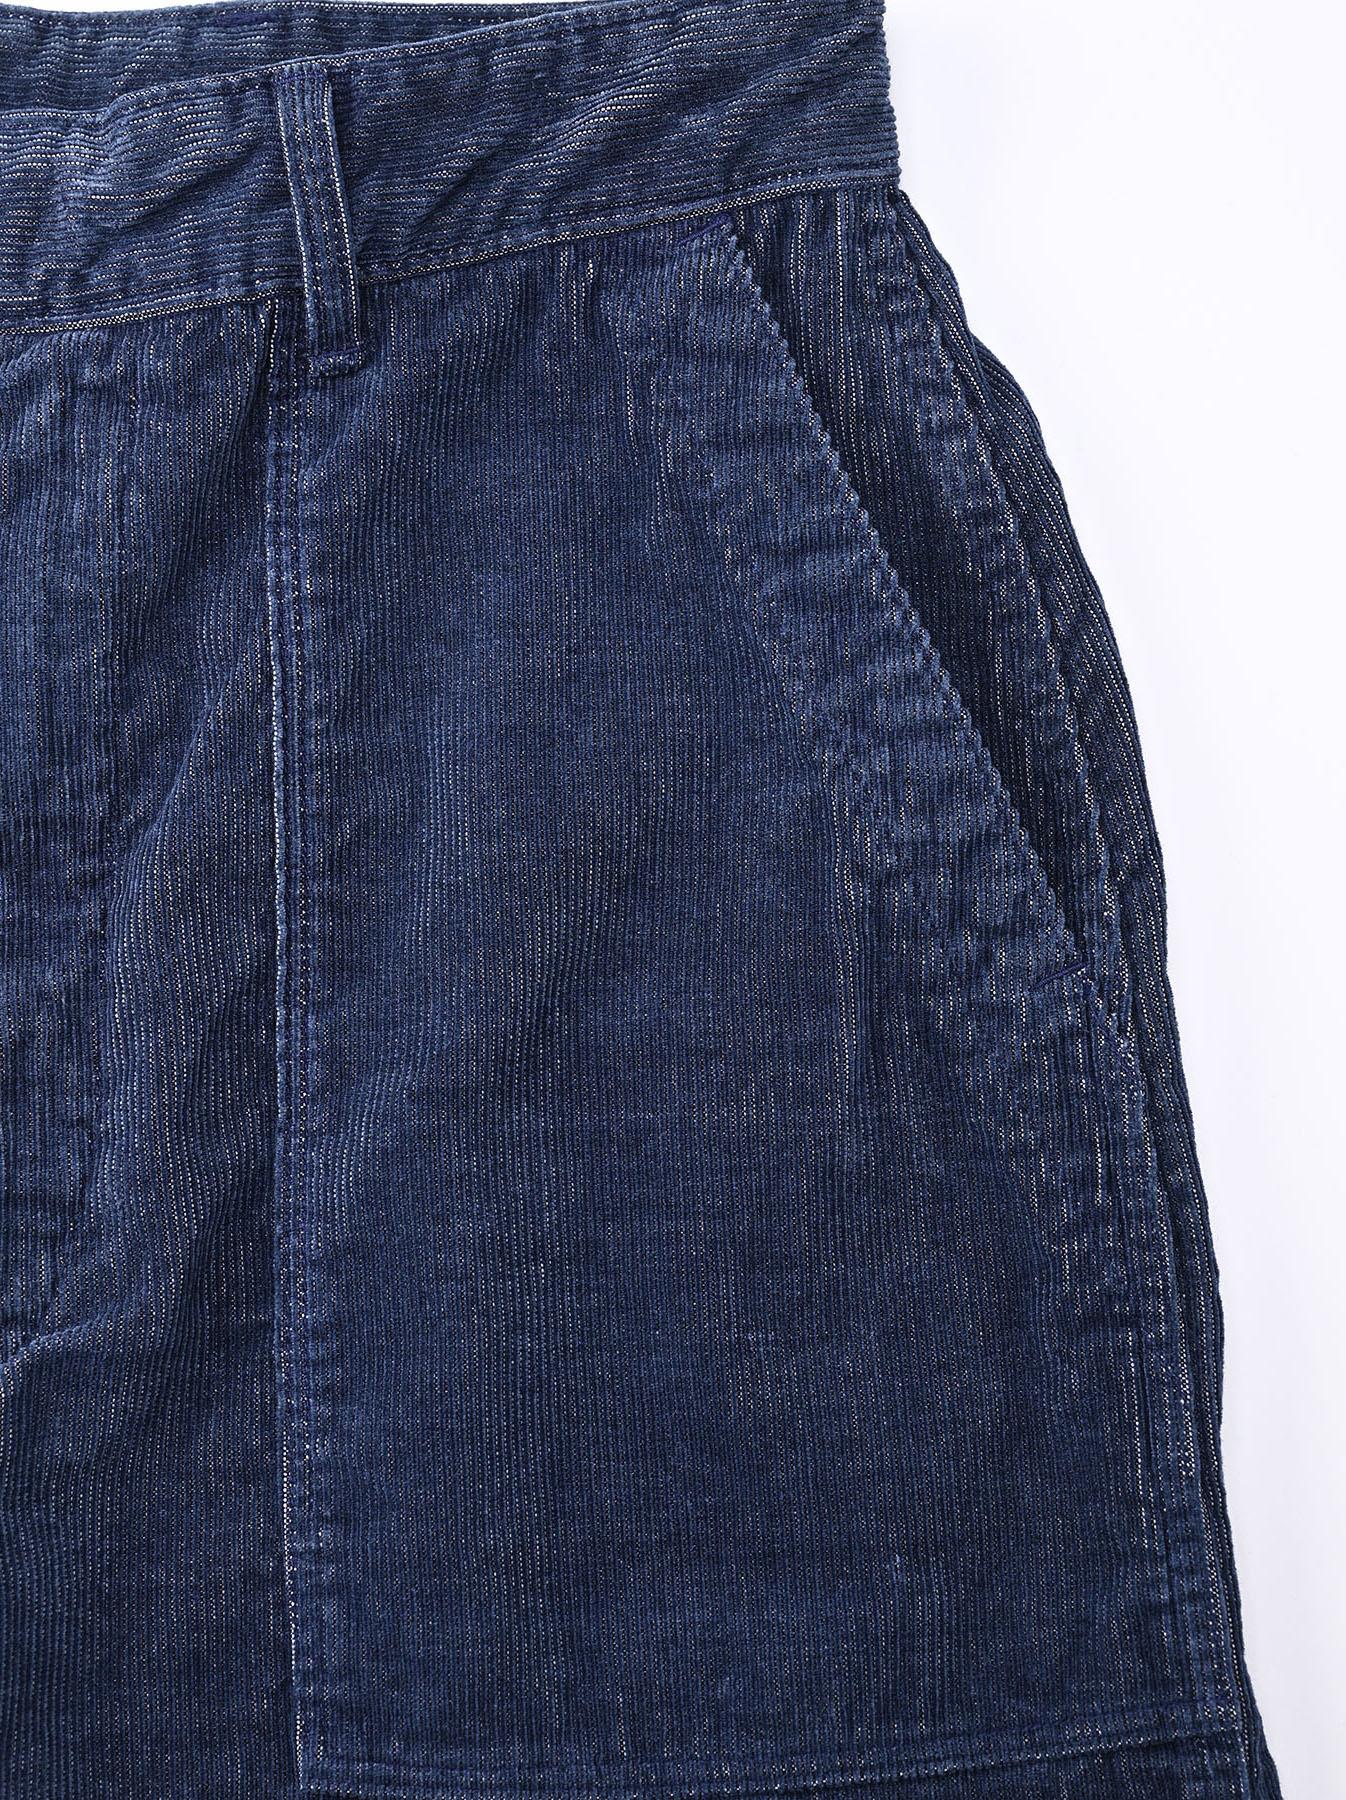 Indigo Corduroy 908 Baker Pants-9